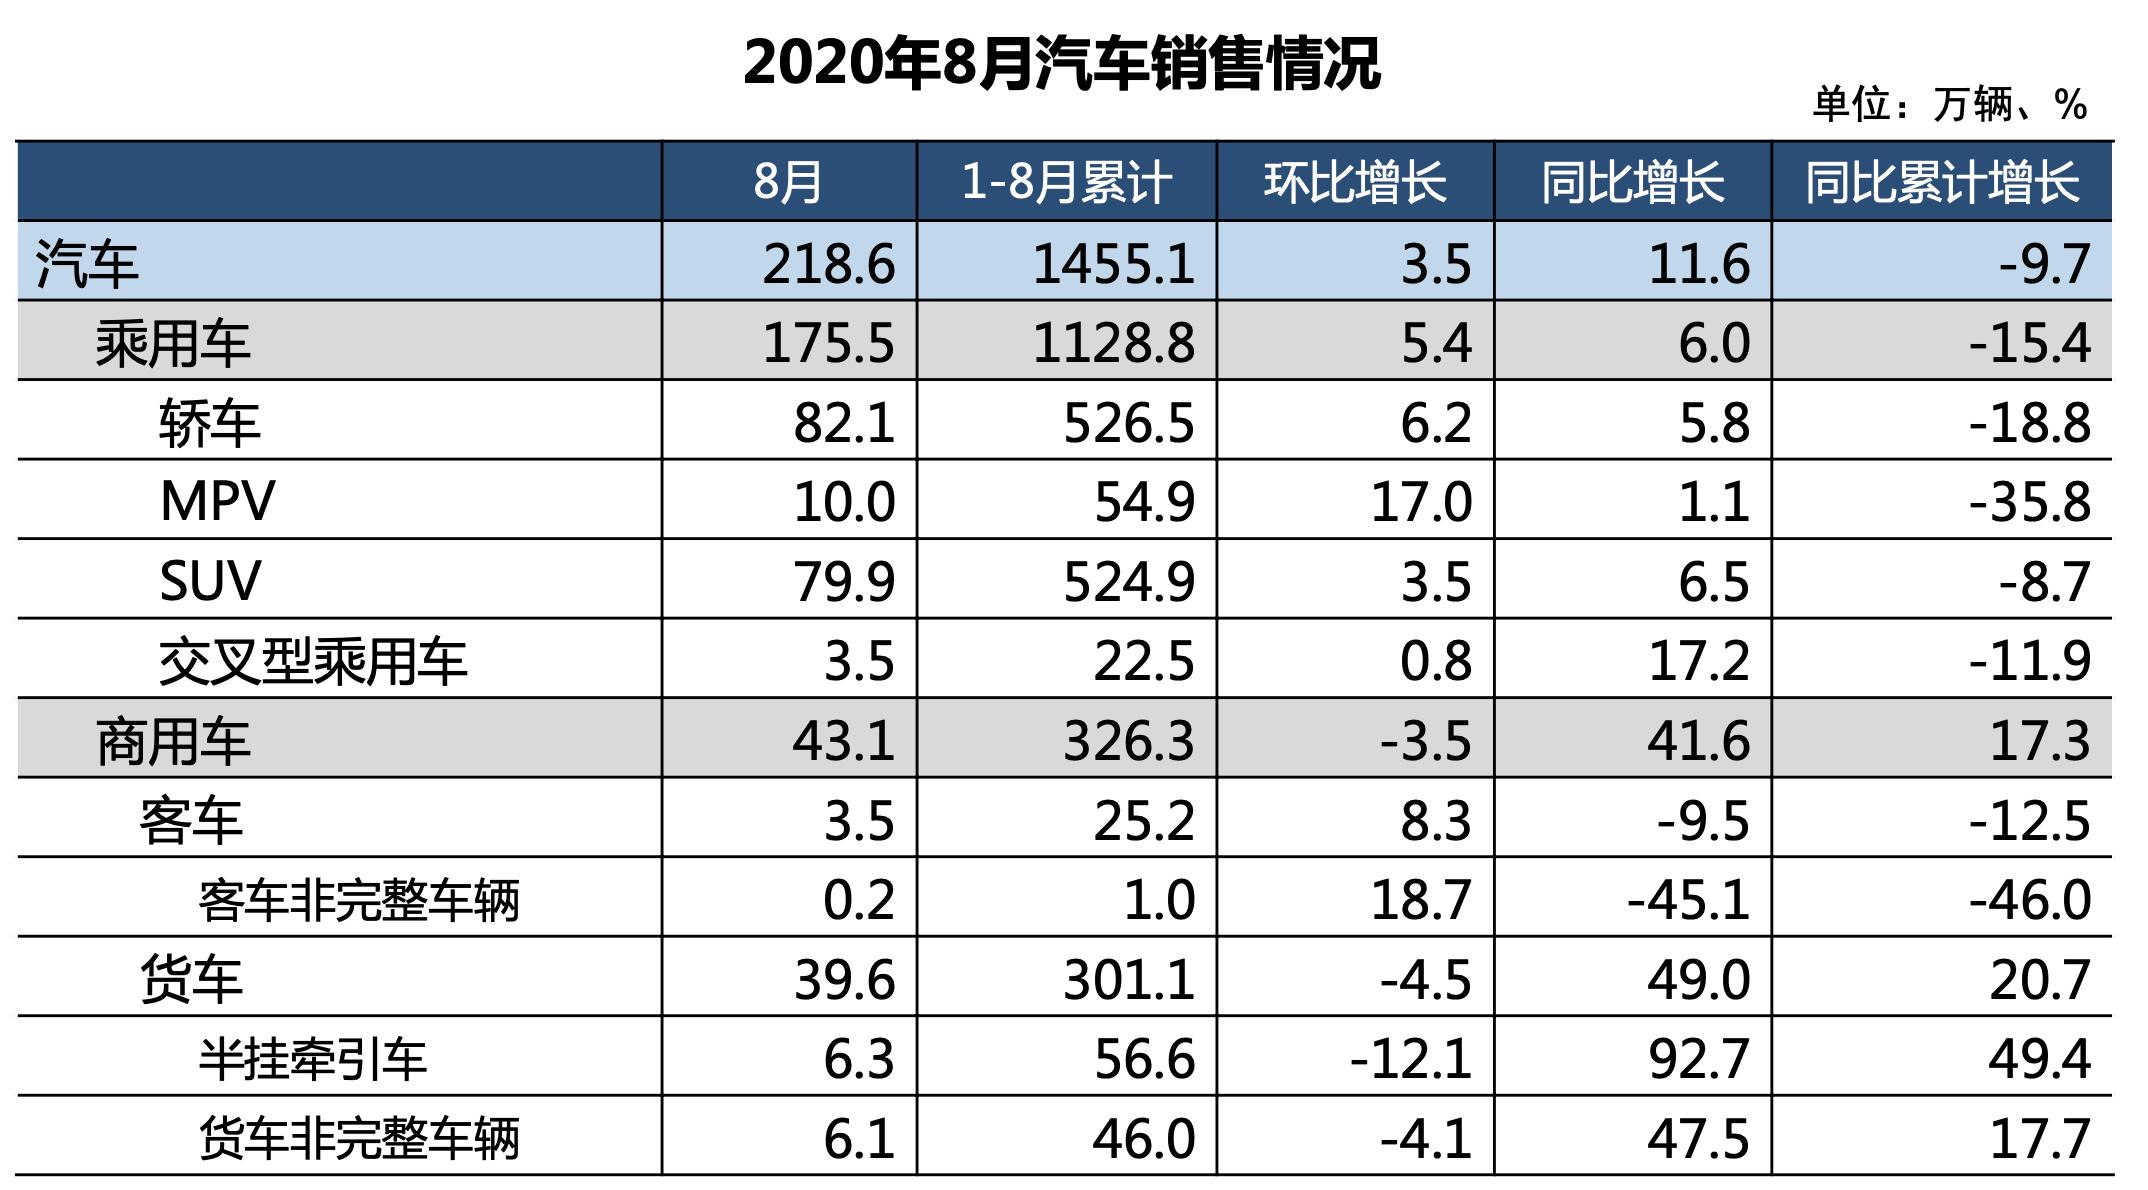 中汽协:8月汽车销量218.6万辆 新能源车产销刷新8月历史记录